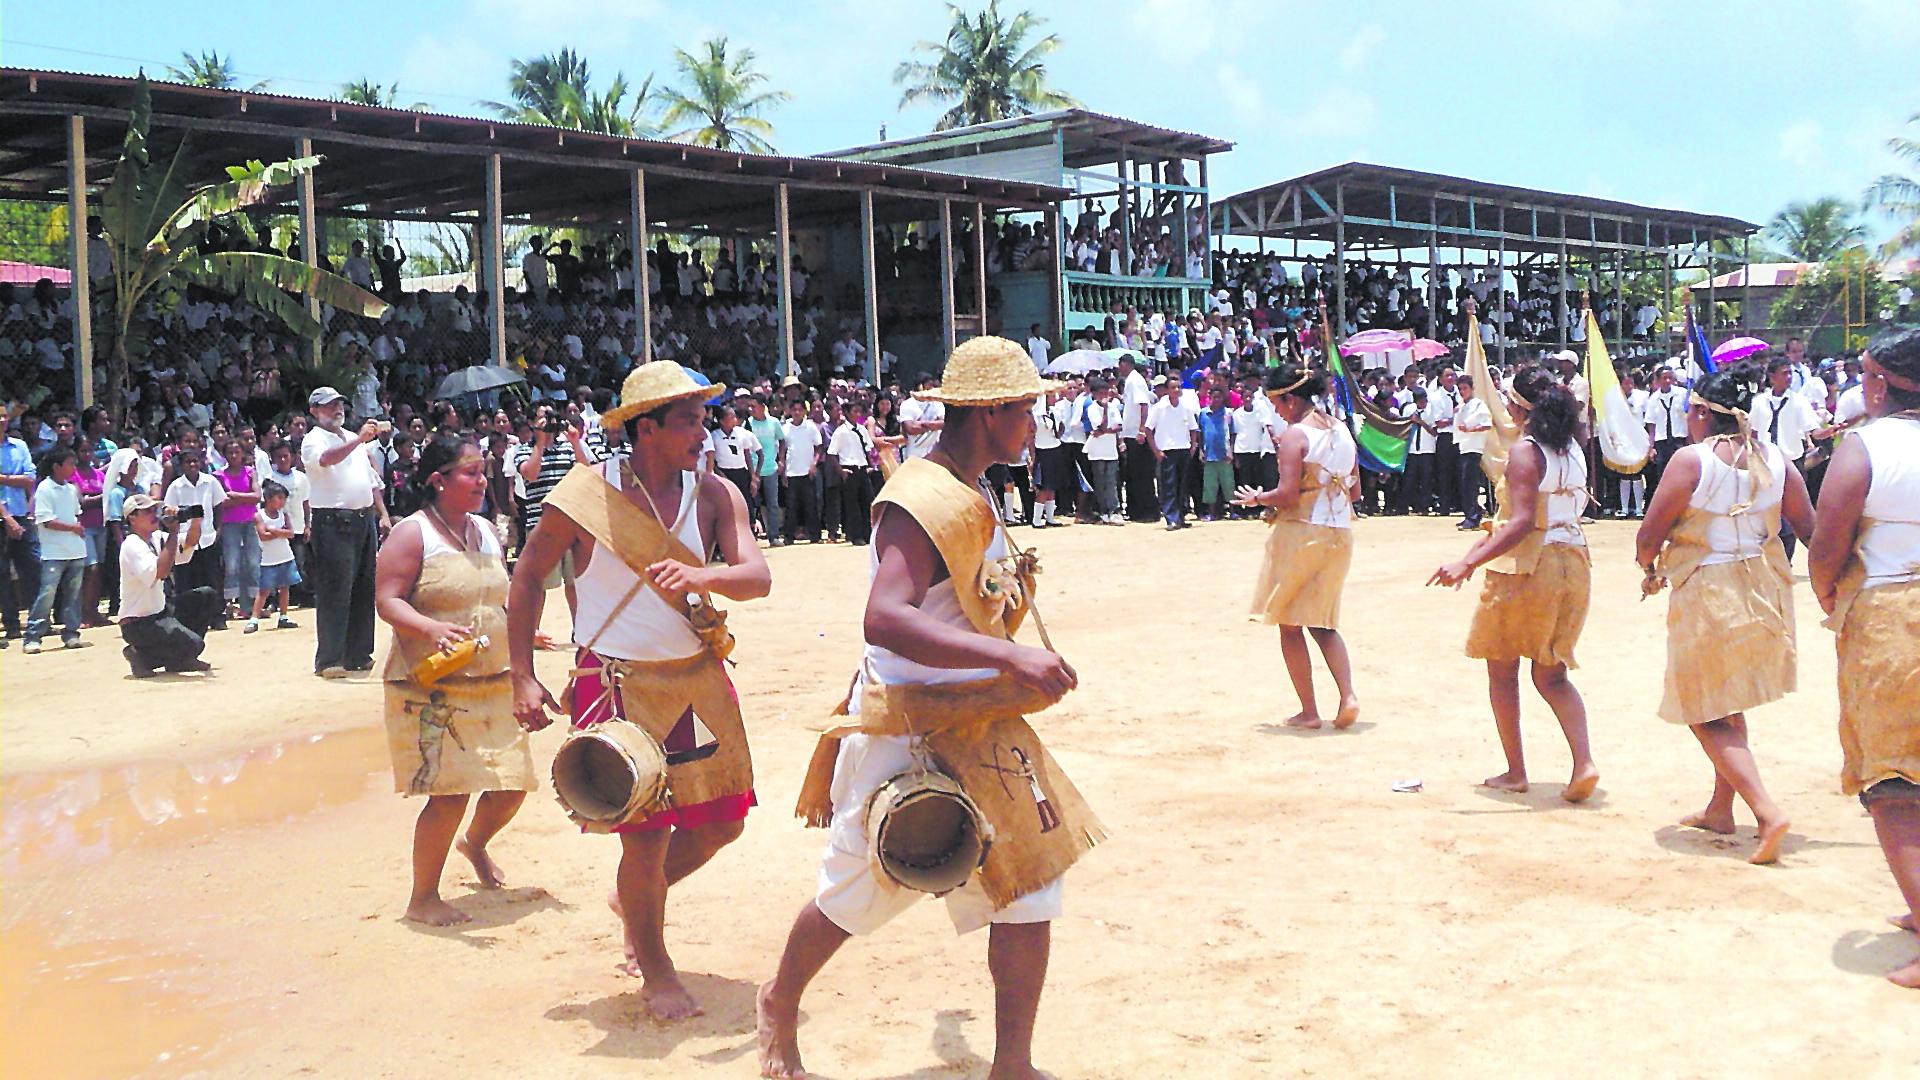 20 pueblos indigenas yahoo dating